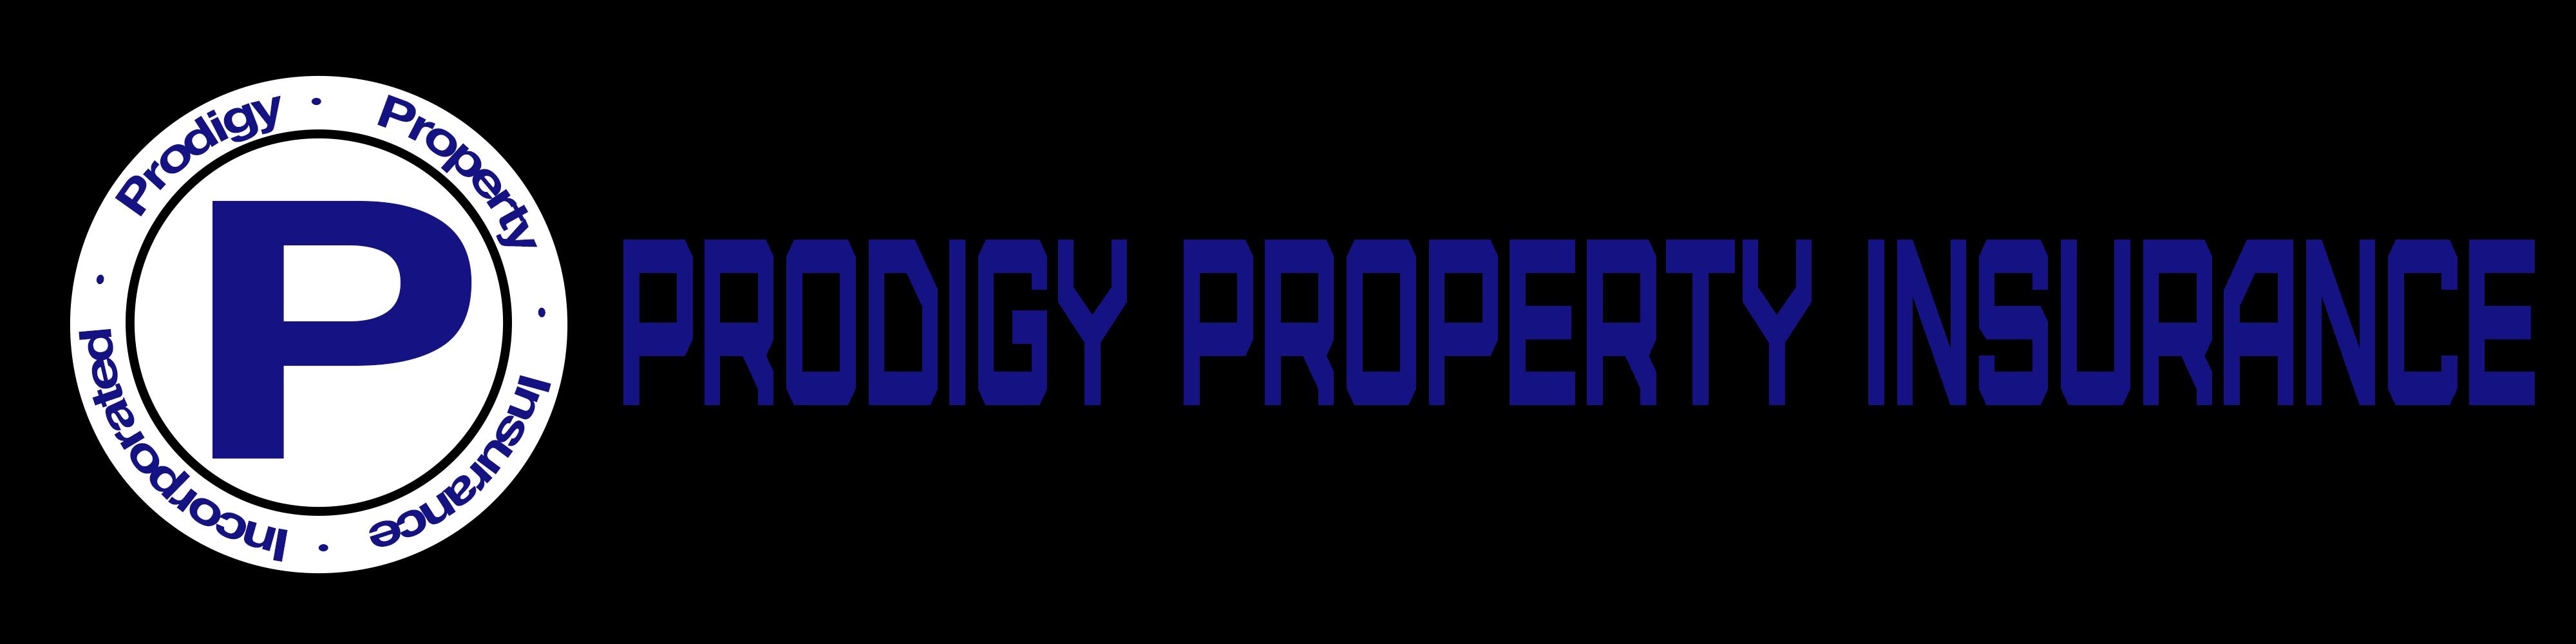 Prodigy Property Insurance